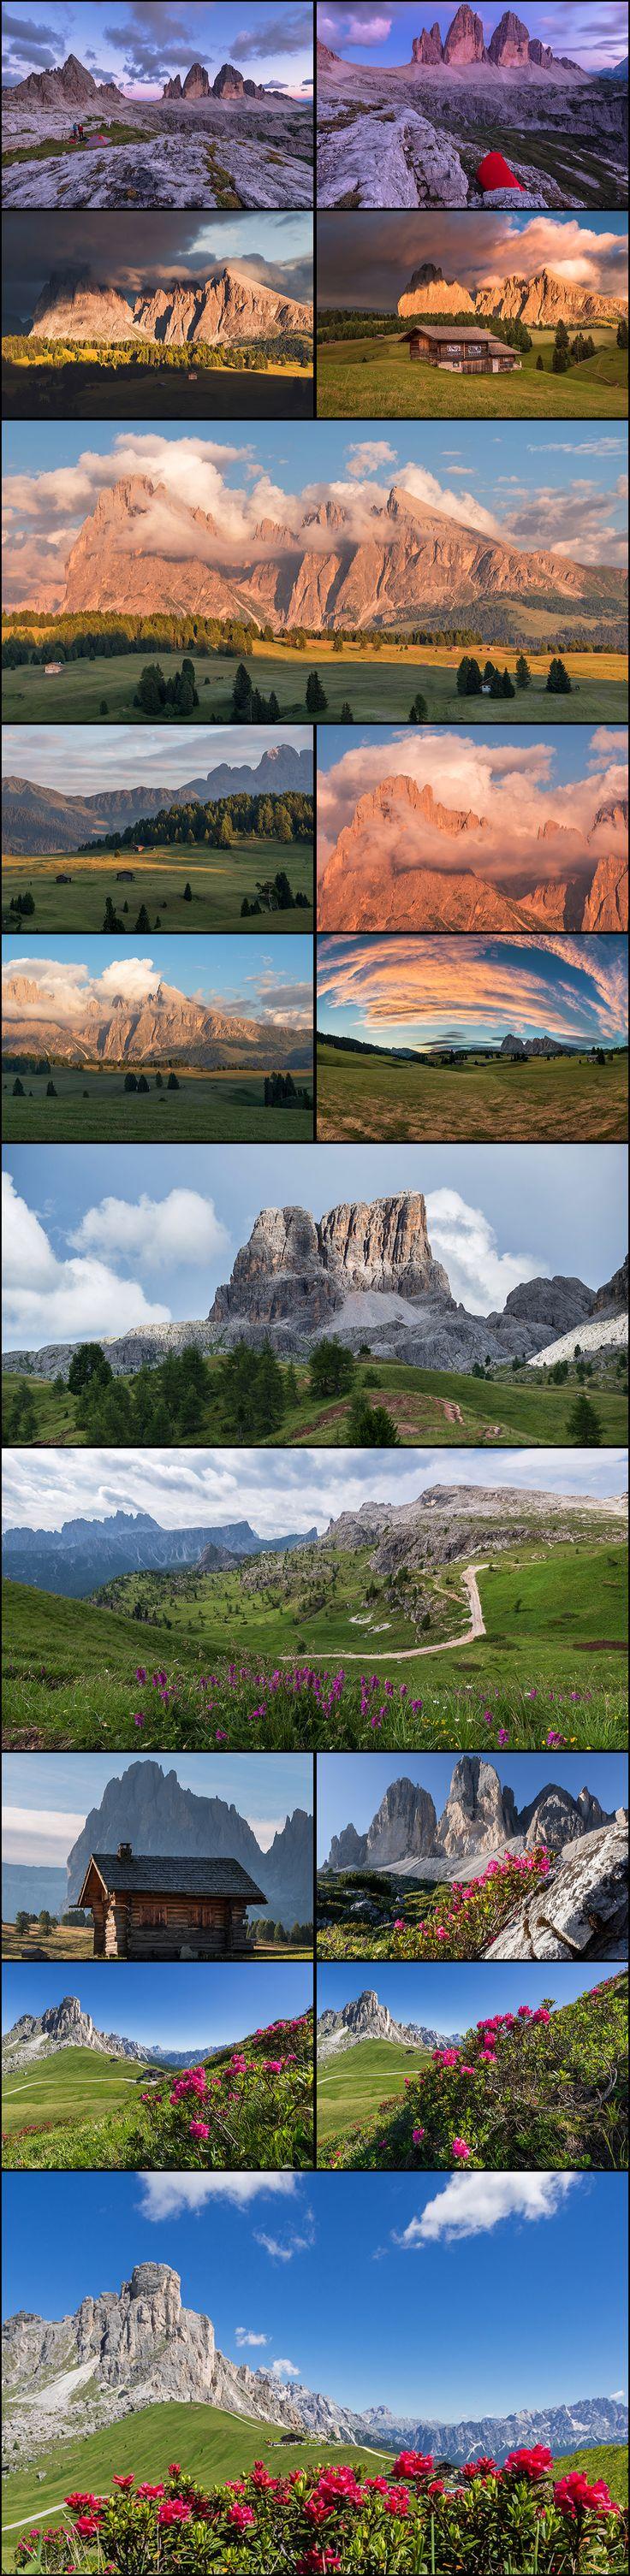 Ultimate Photo Bundle – 500+ Stock Images #stockphoto #naturephotography